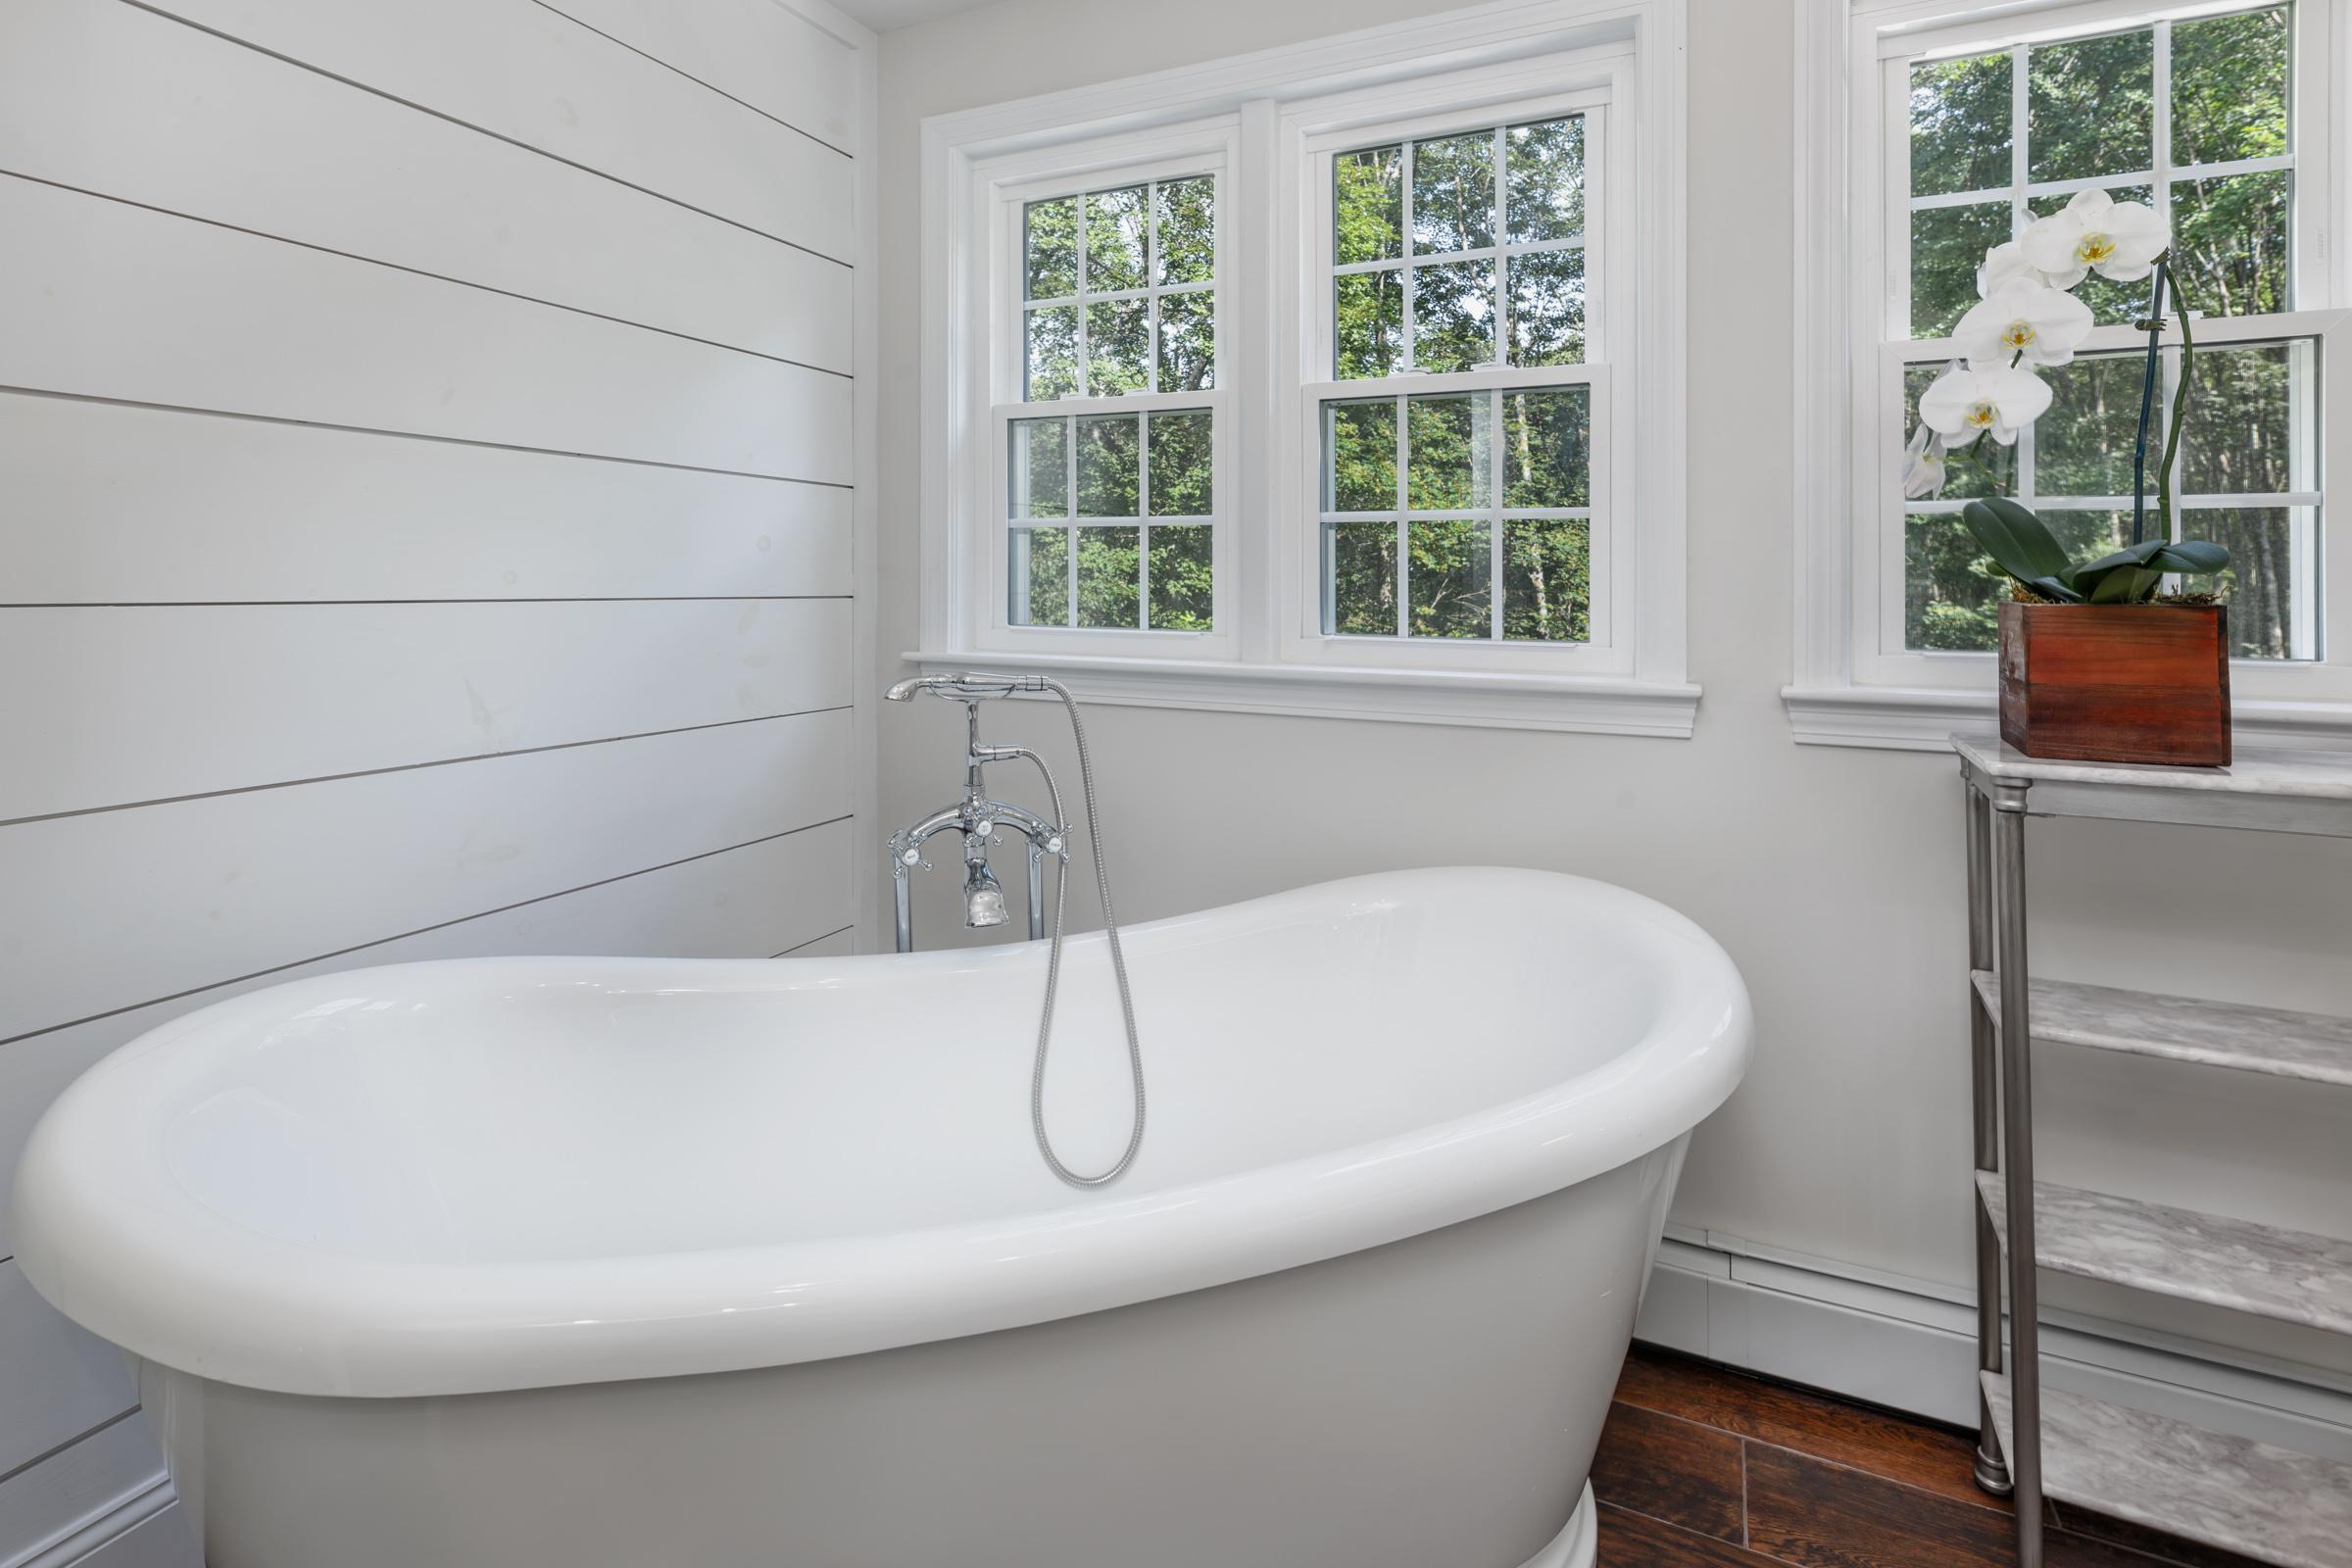 Tub - View 1.jpg